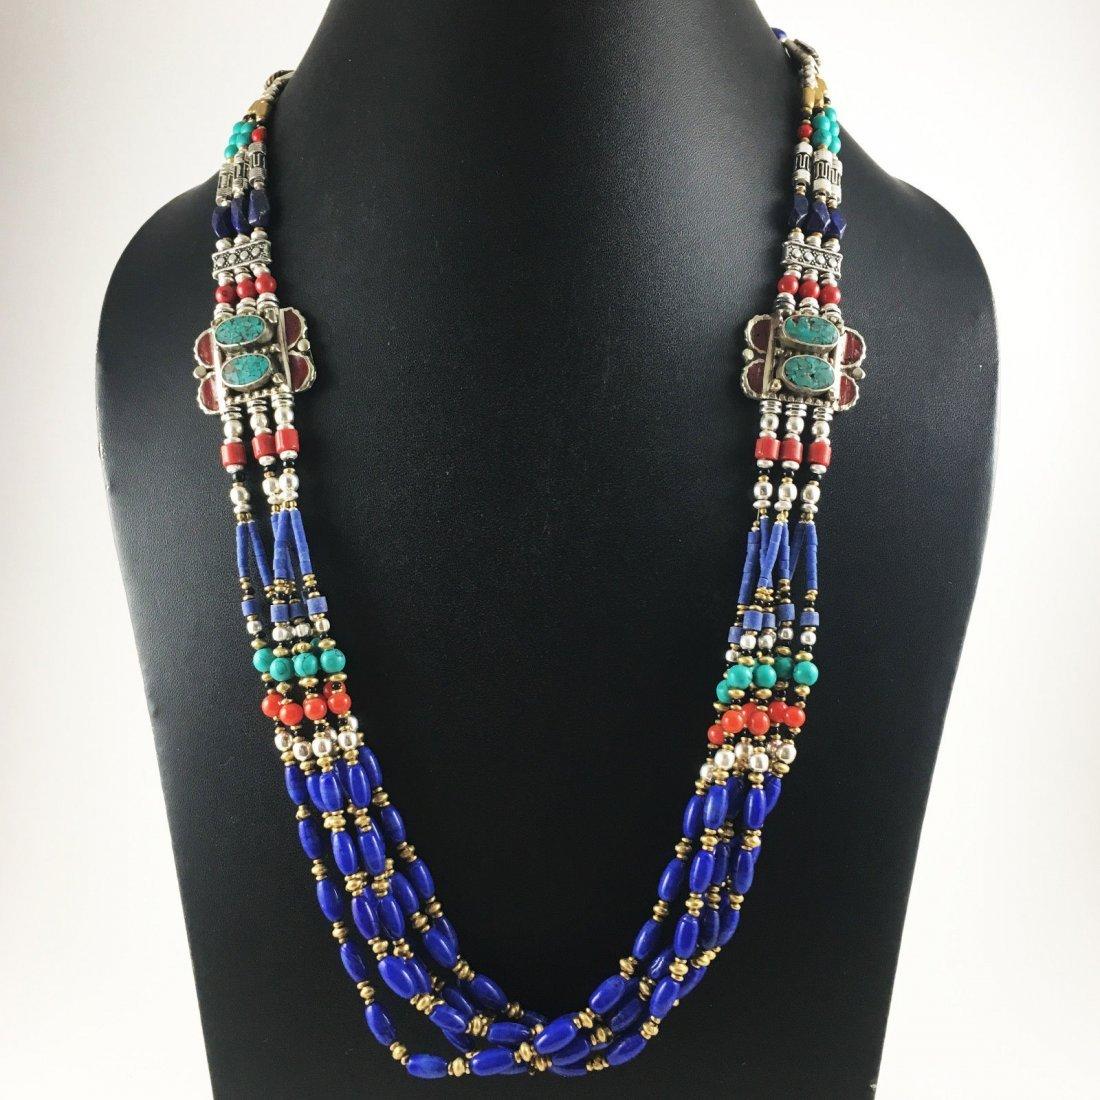 Tibetan Blue Lapis Unique Handmade Necklace